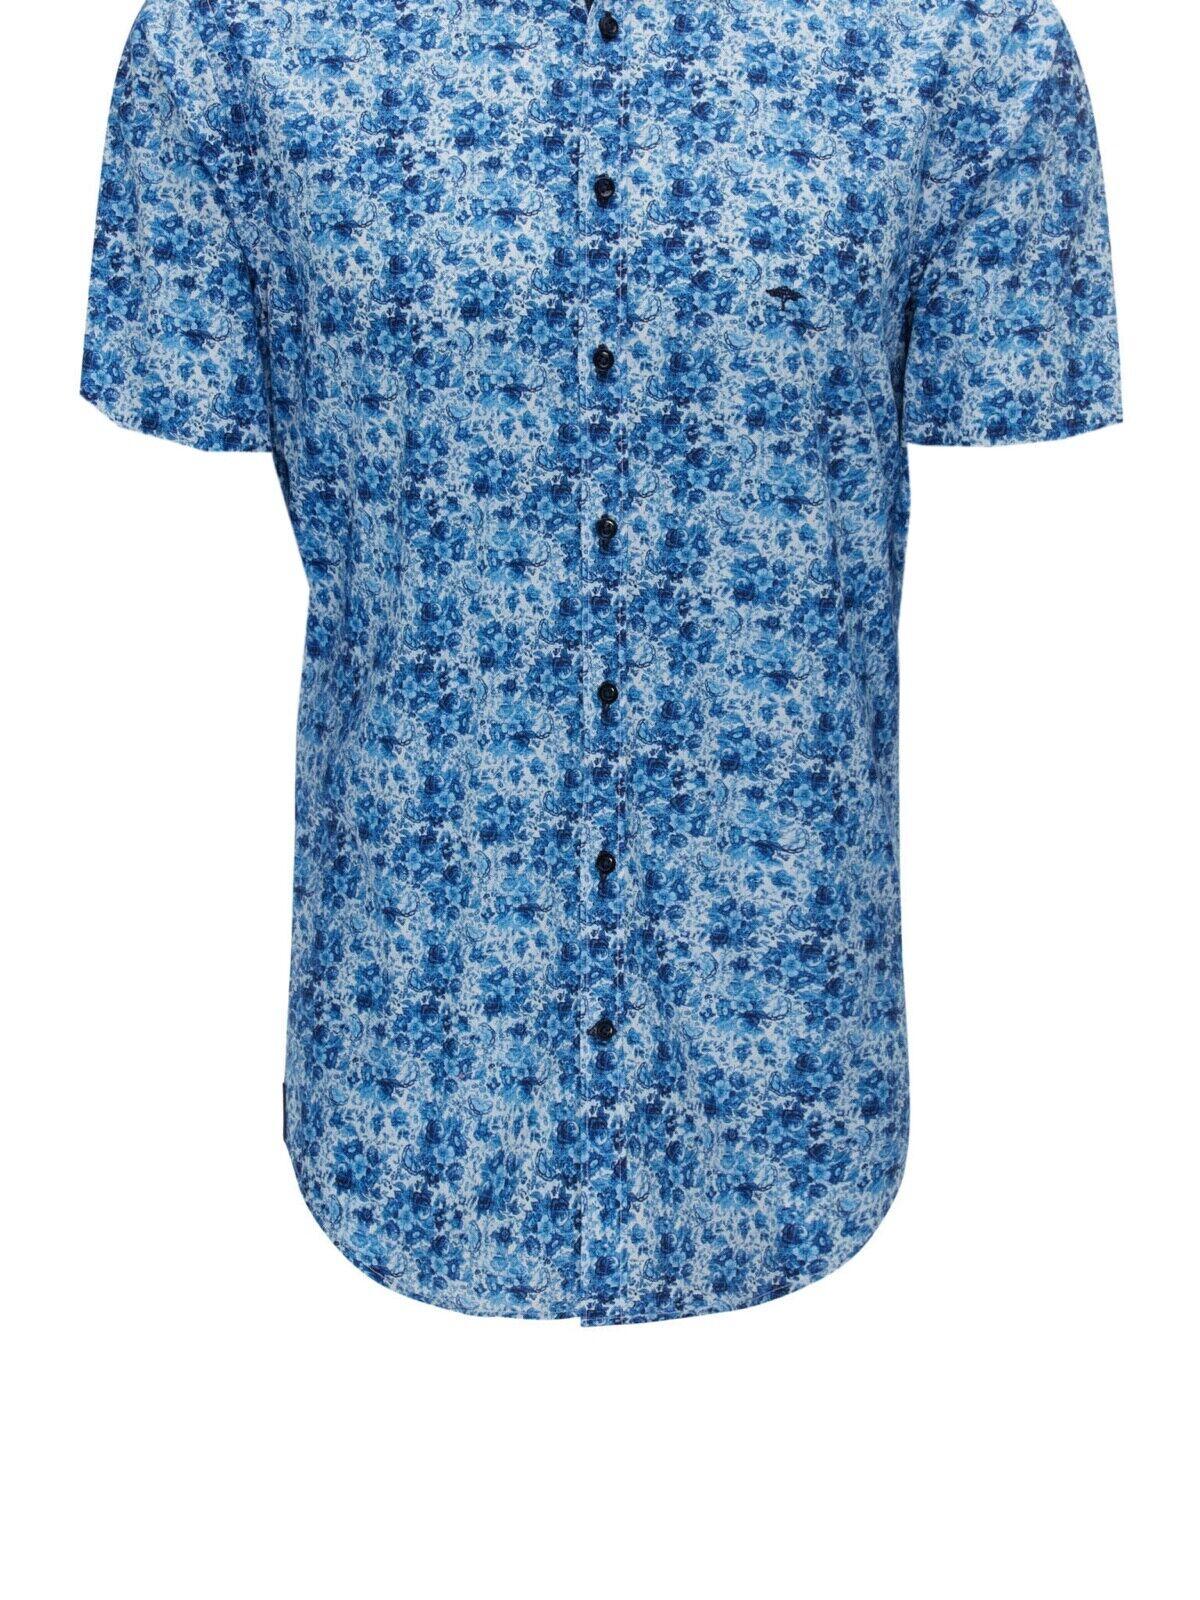 FYNCH HATTON® Short Sleeve Flower Print Shirt - XL New SS19